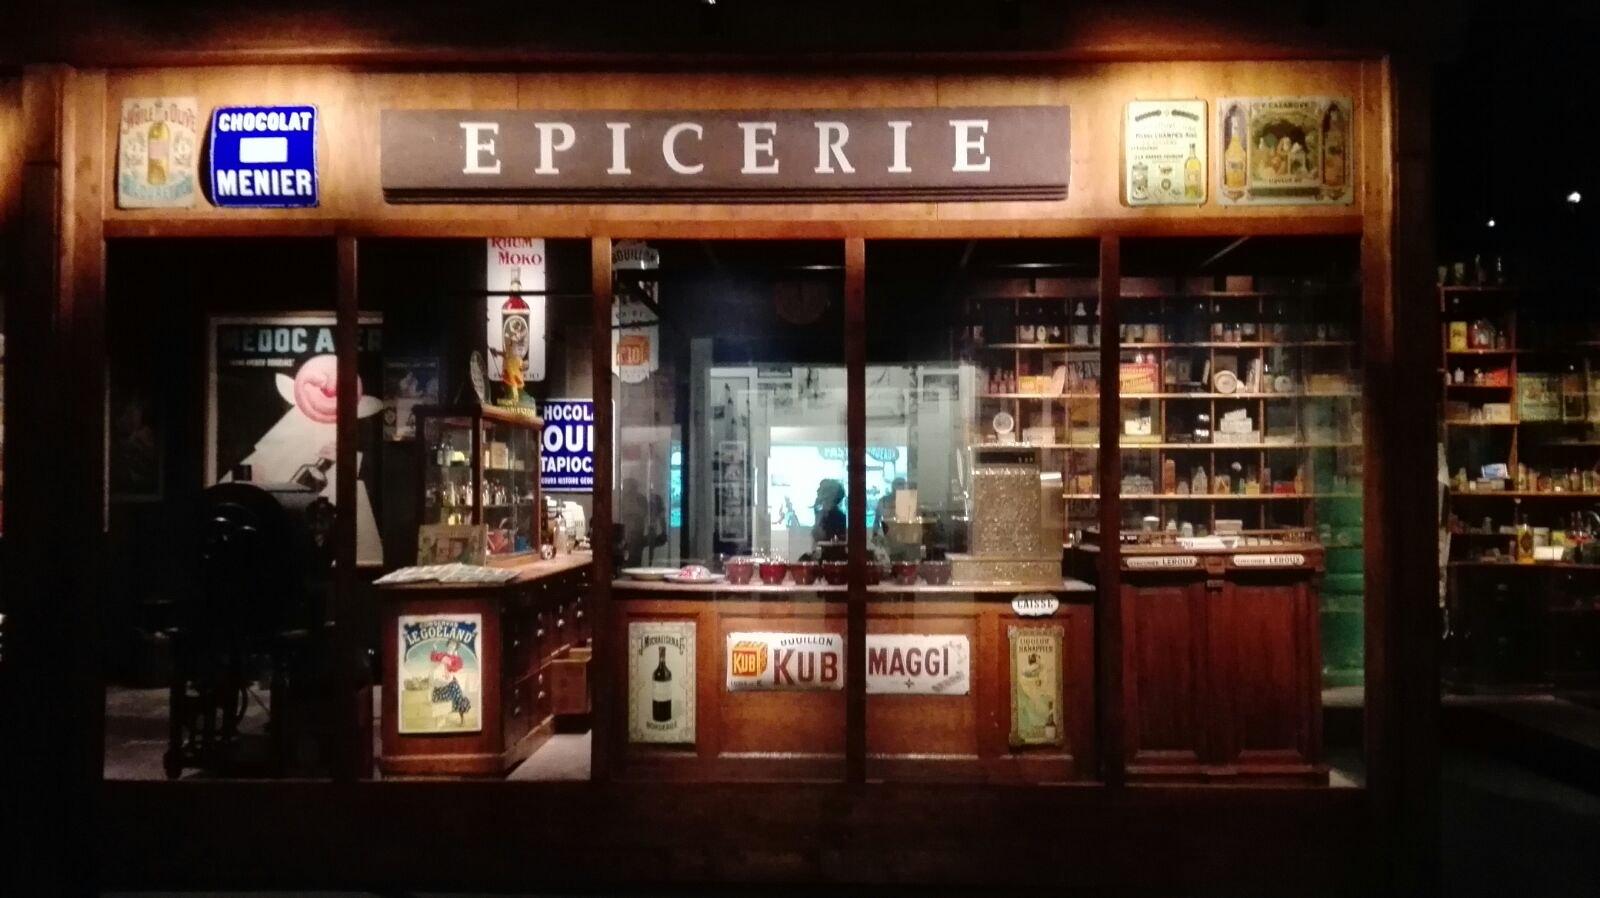 El museo de la Aquitania alberga un ultramarinos o épicerie de principios del S.XX Foto Alba Martín